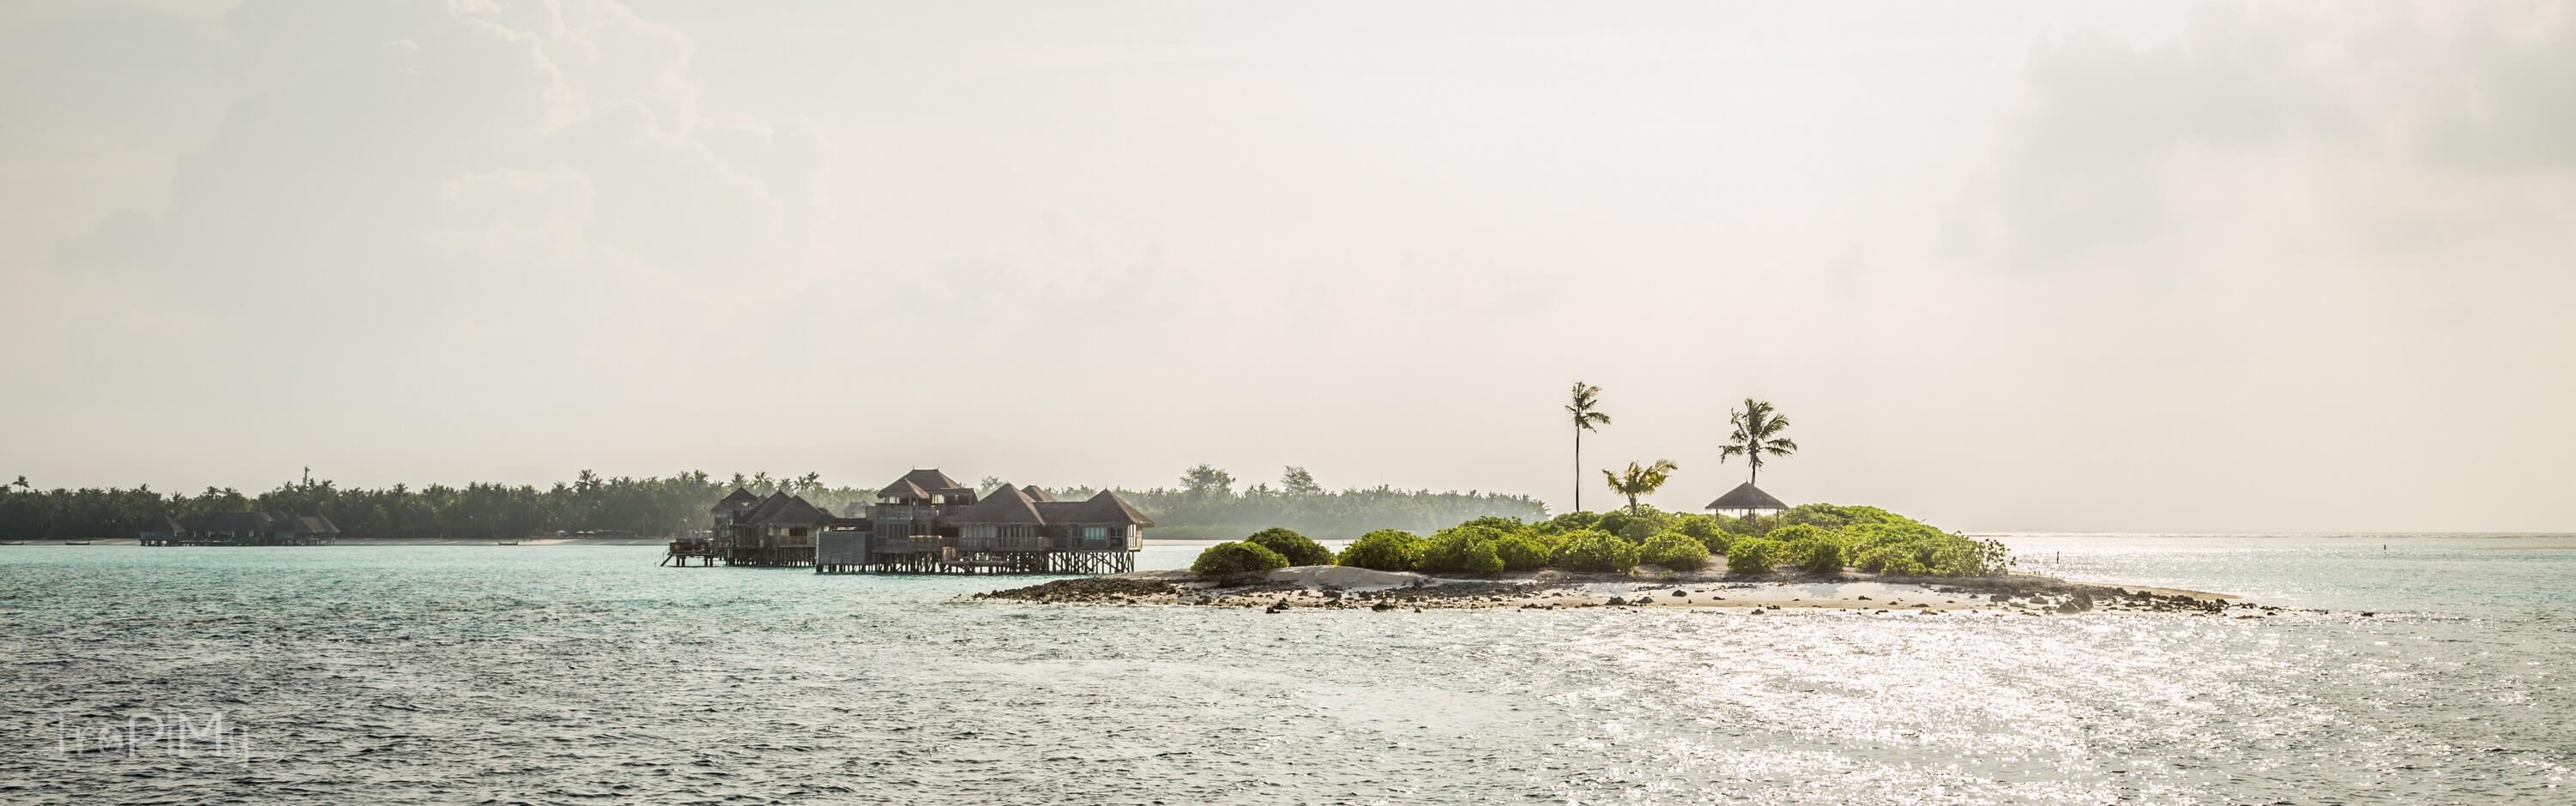 Bungalow z prywatną wysepką w jednym z resortów